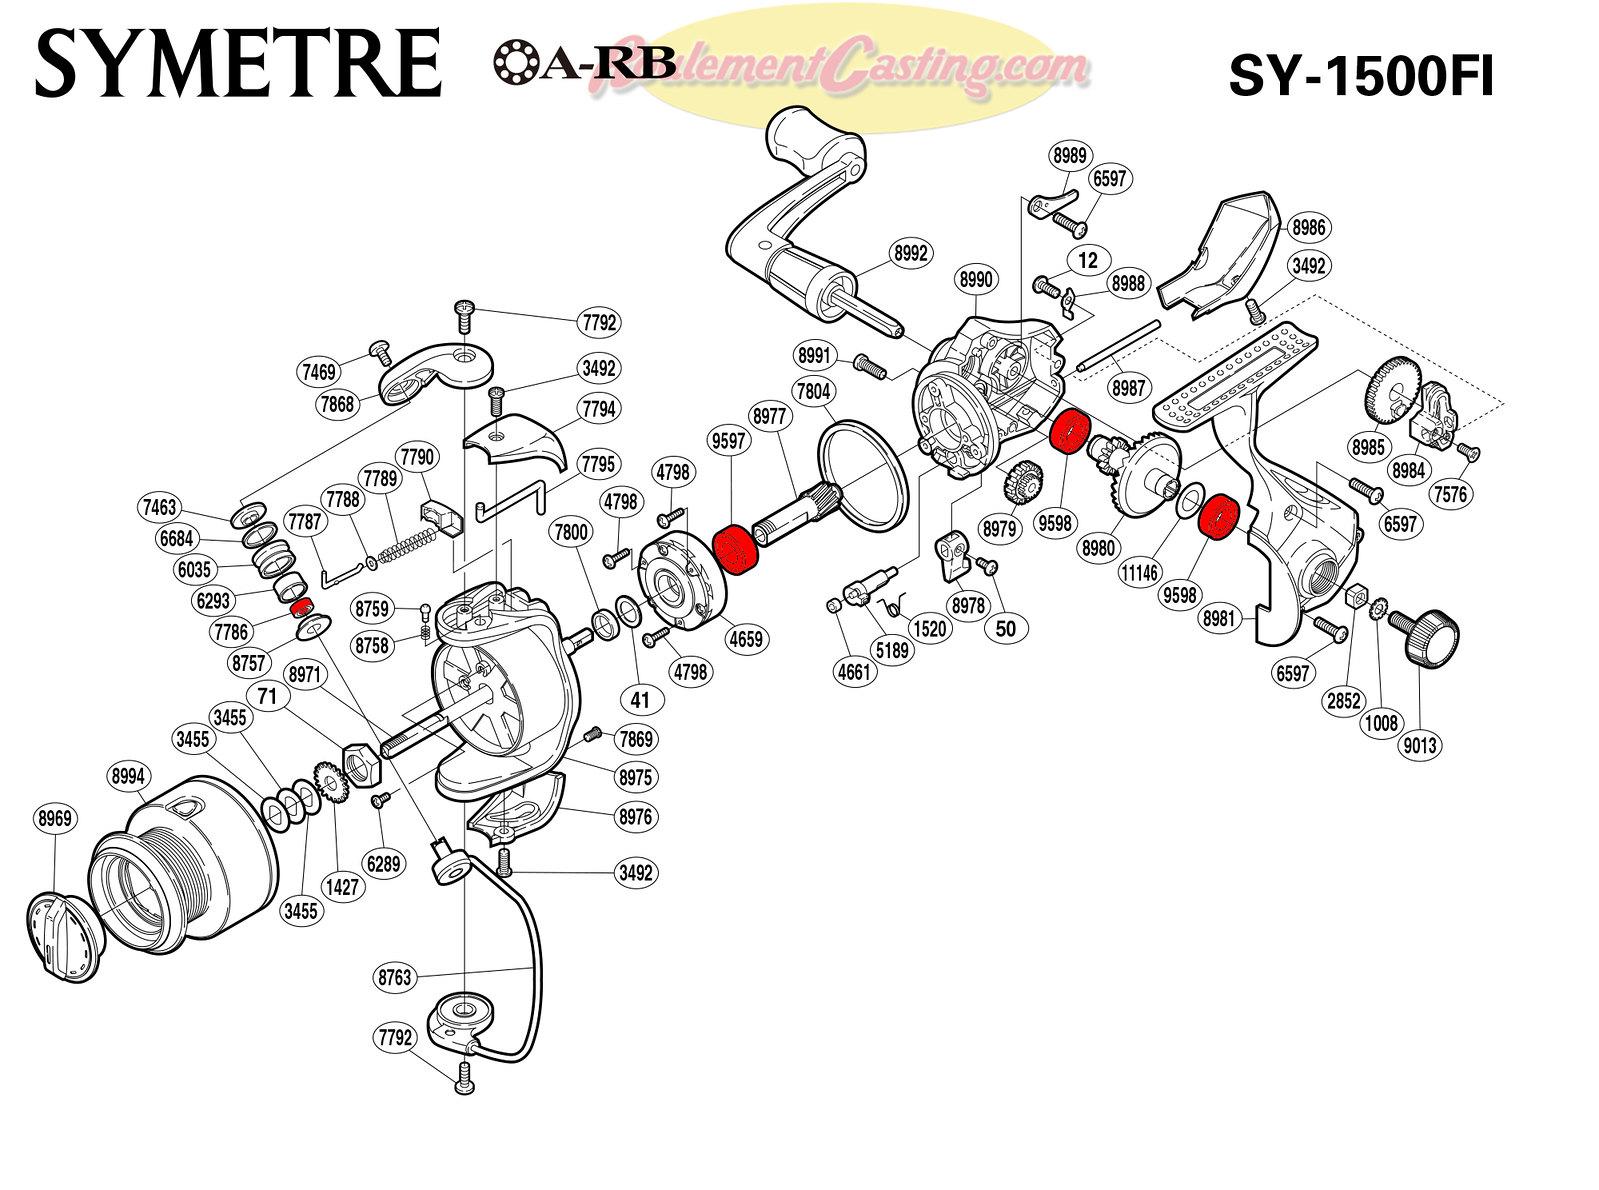 Schema-Symetre-1500FI